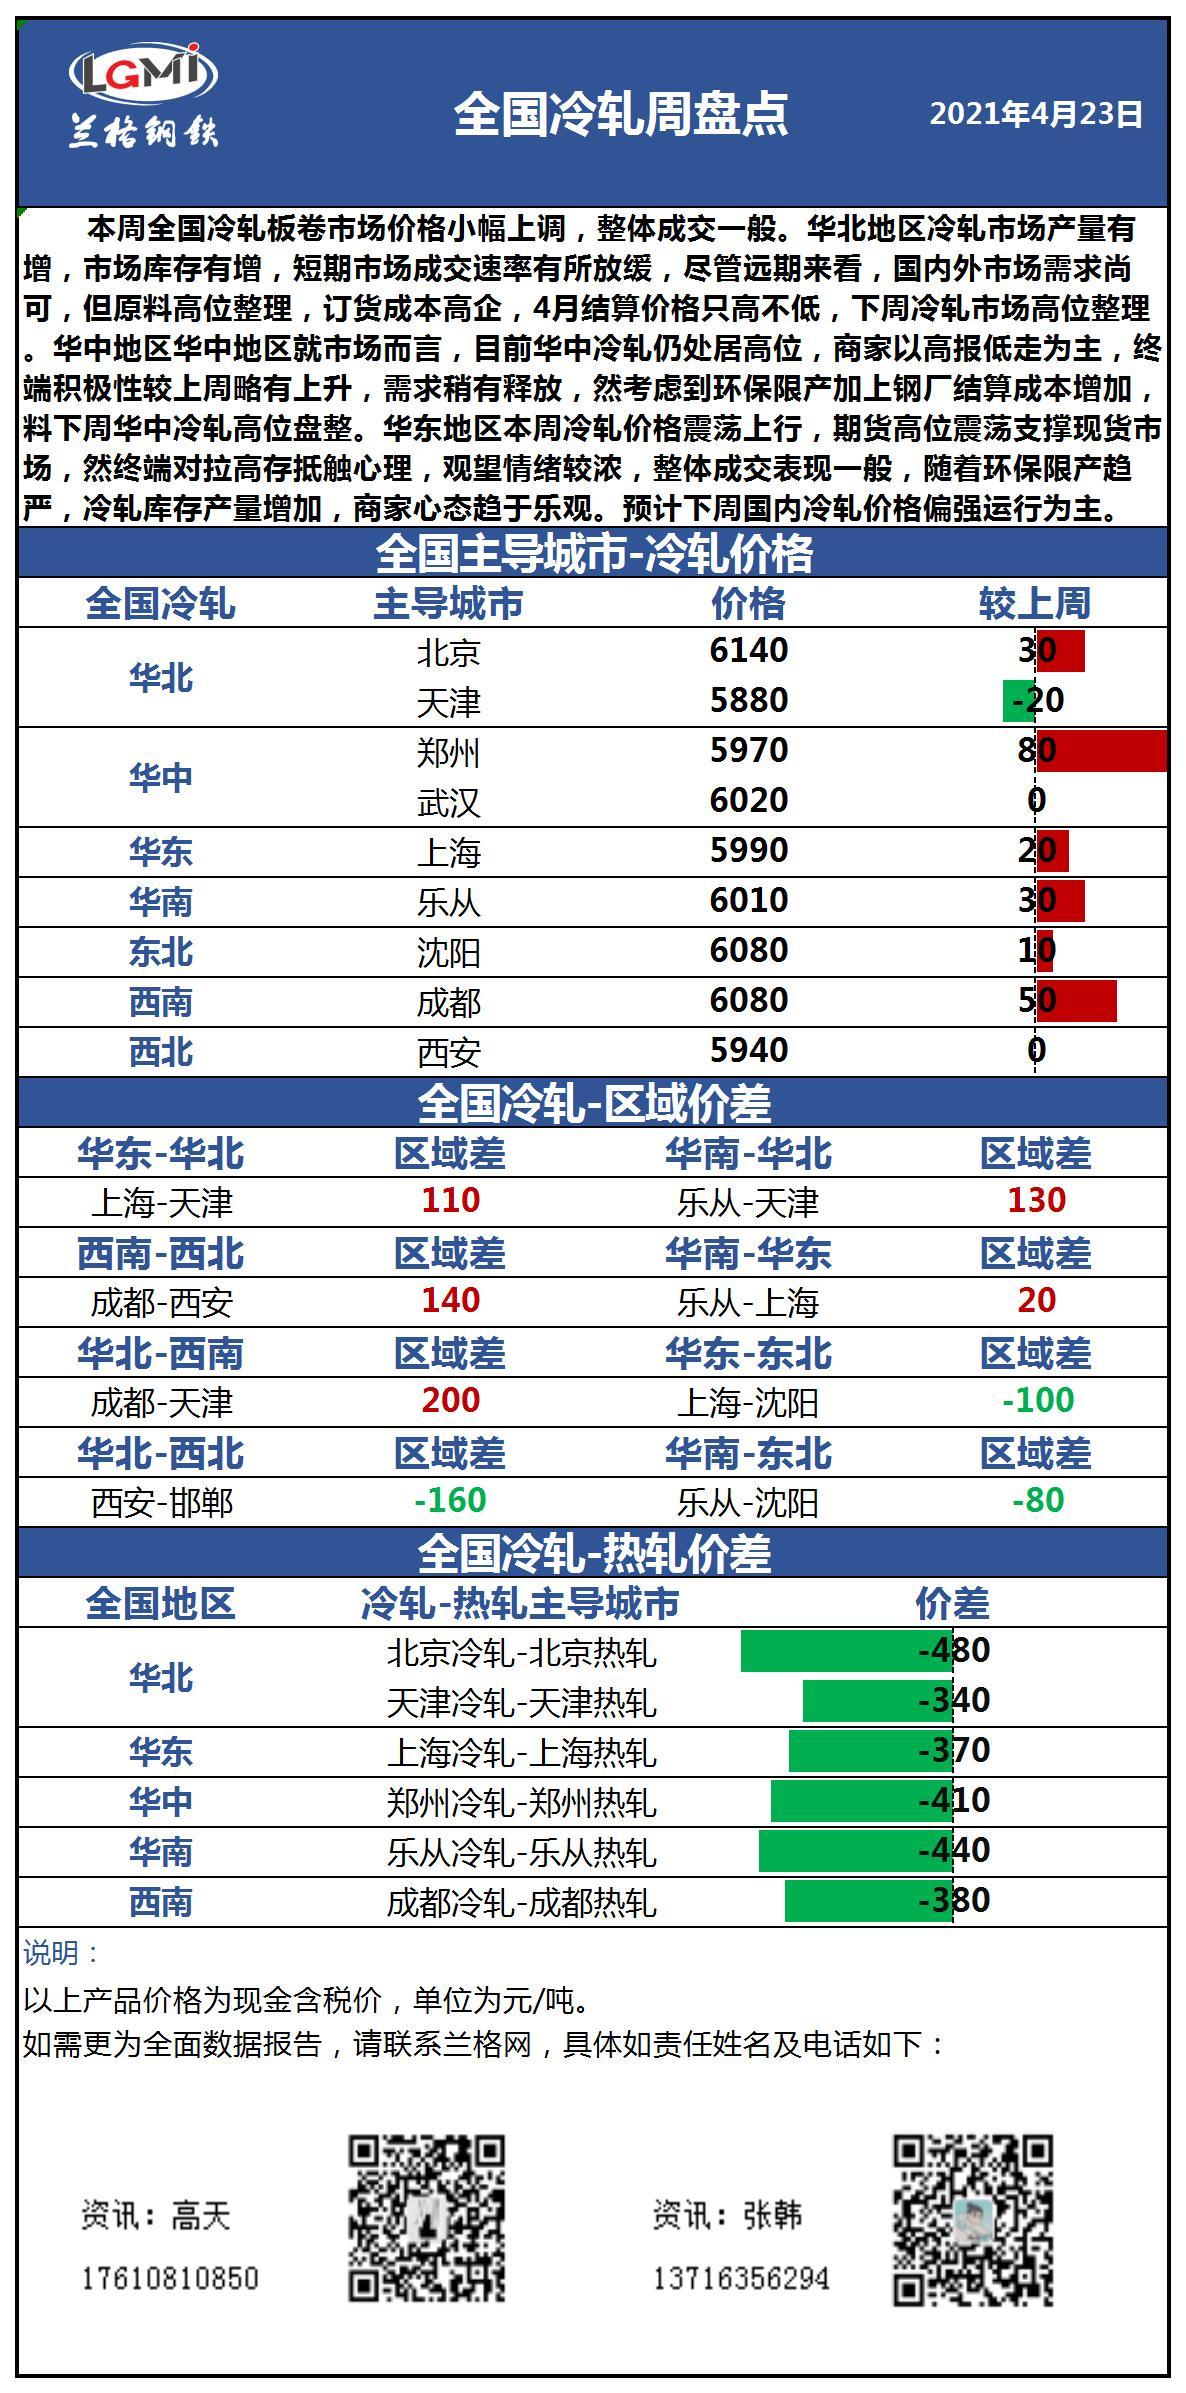 兰格冷轧板卷周盘点(4.23):价格小幅上调 市场成交一般